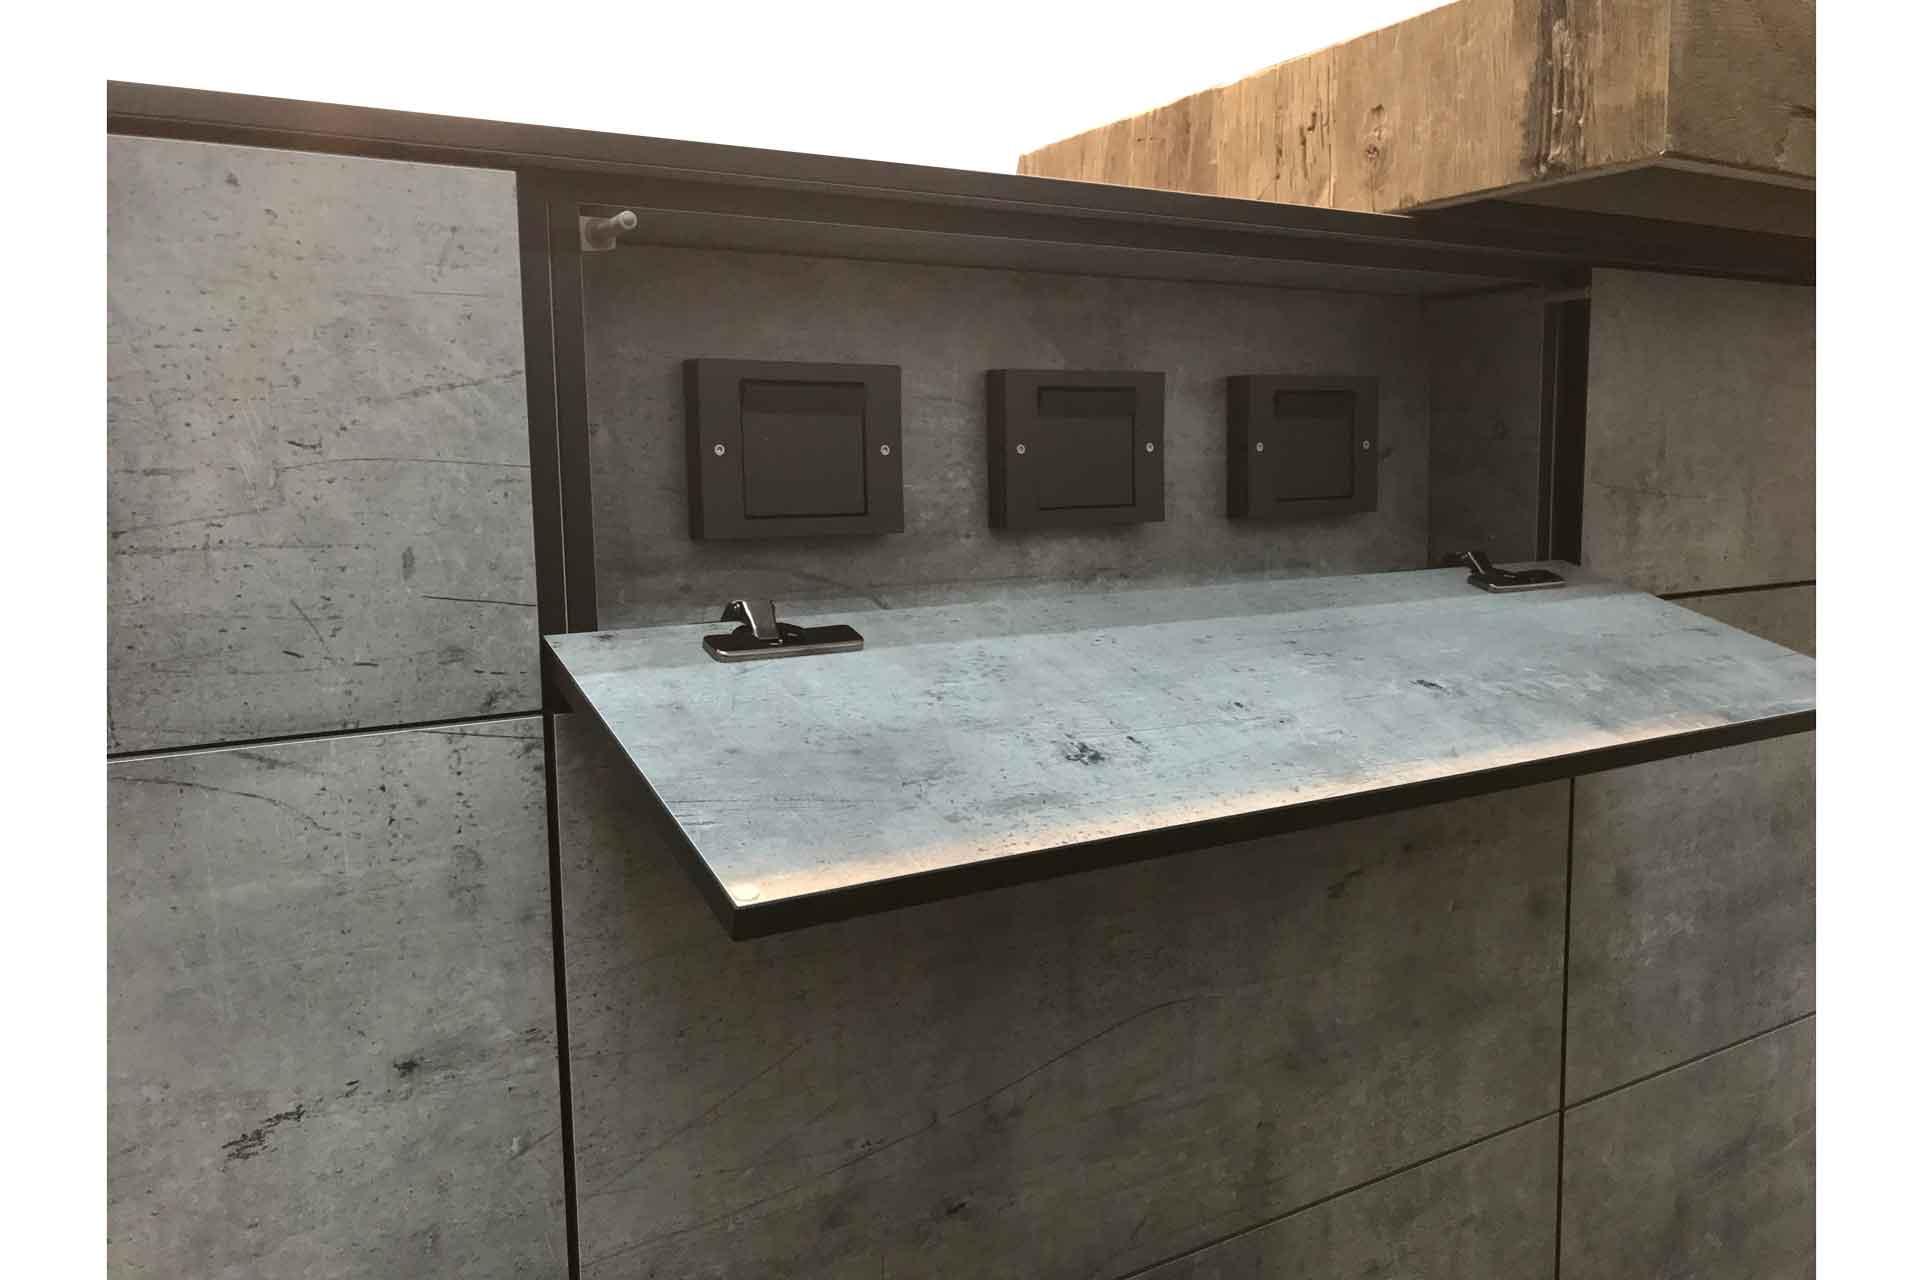 Outdoorküche Zubehör Hamburg : Materialien outdoor küche outdoorküche grilltische stehen in den